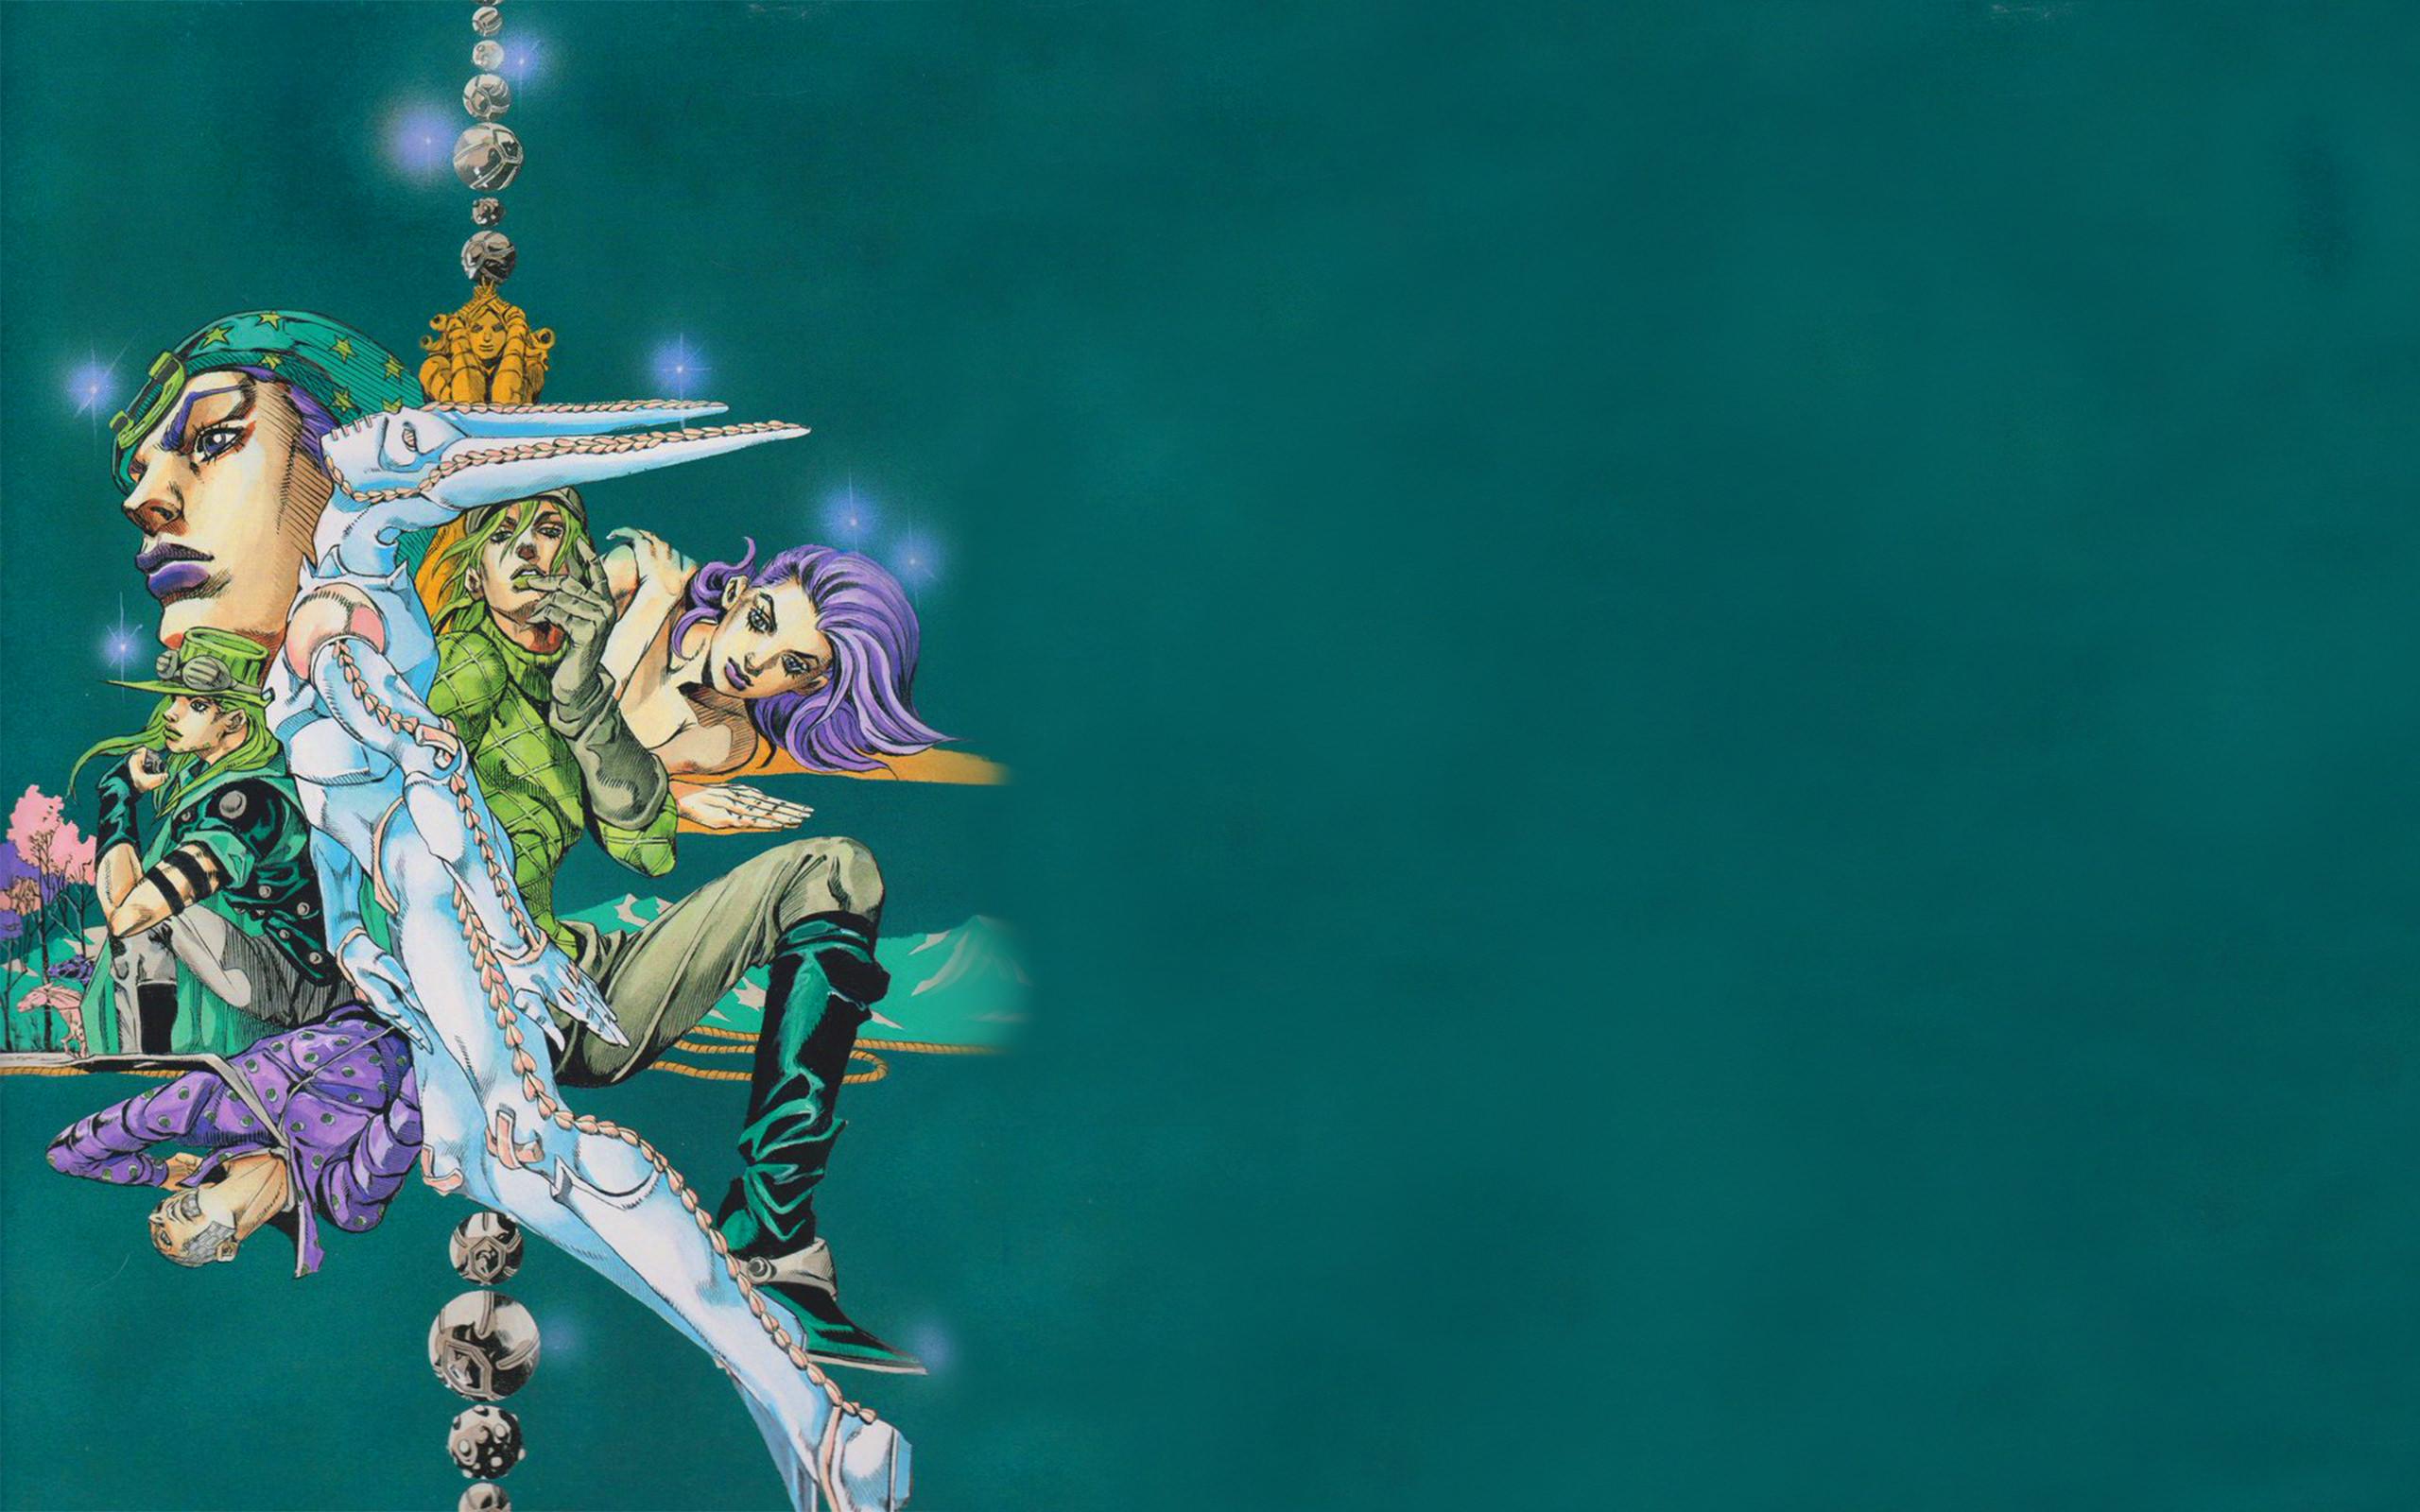 Wallpaper : JoJo's Bizarre Adventure, Jojo, Hirohiko Araki